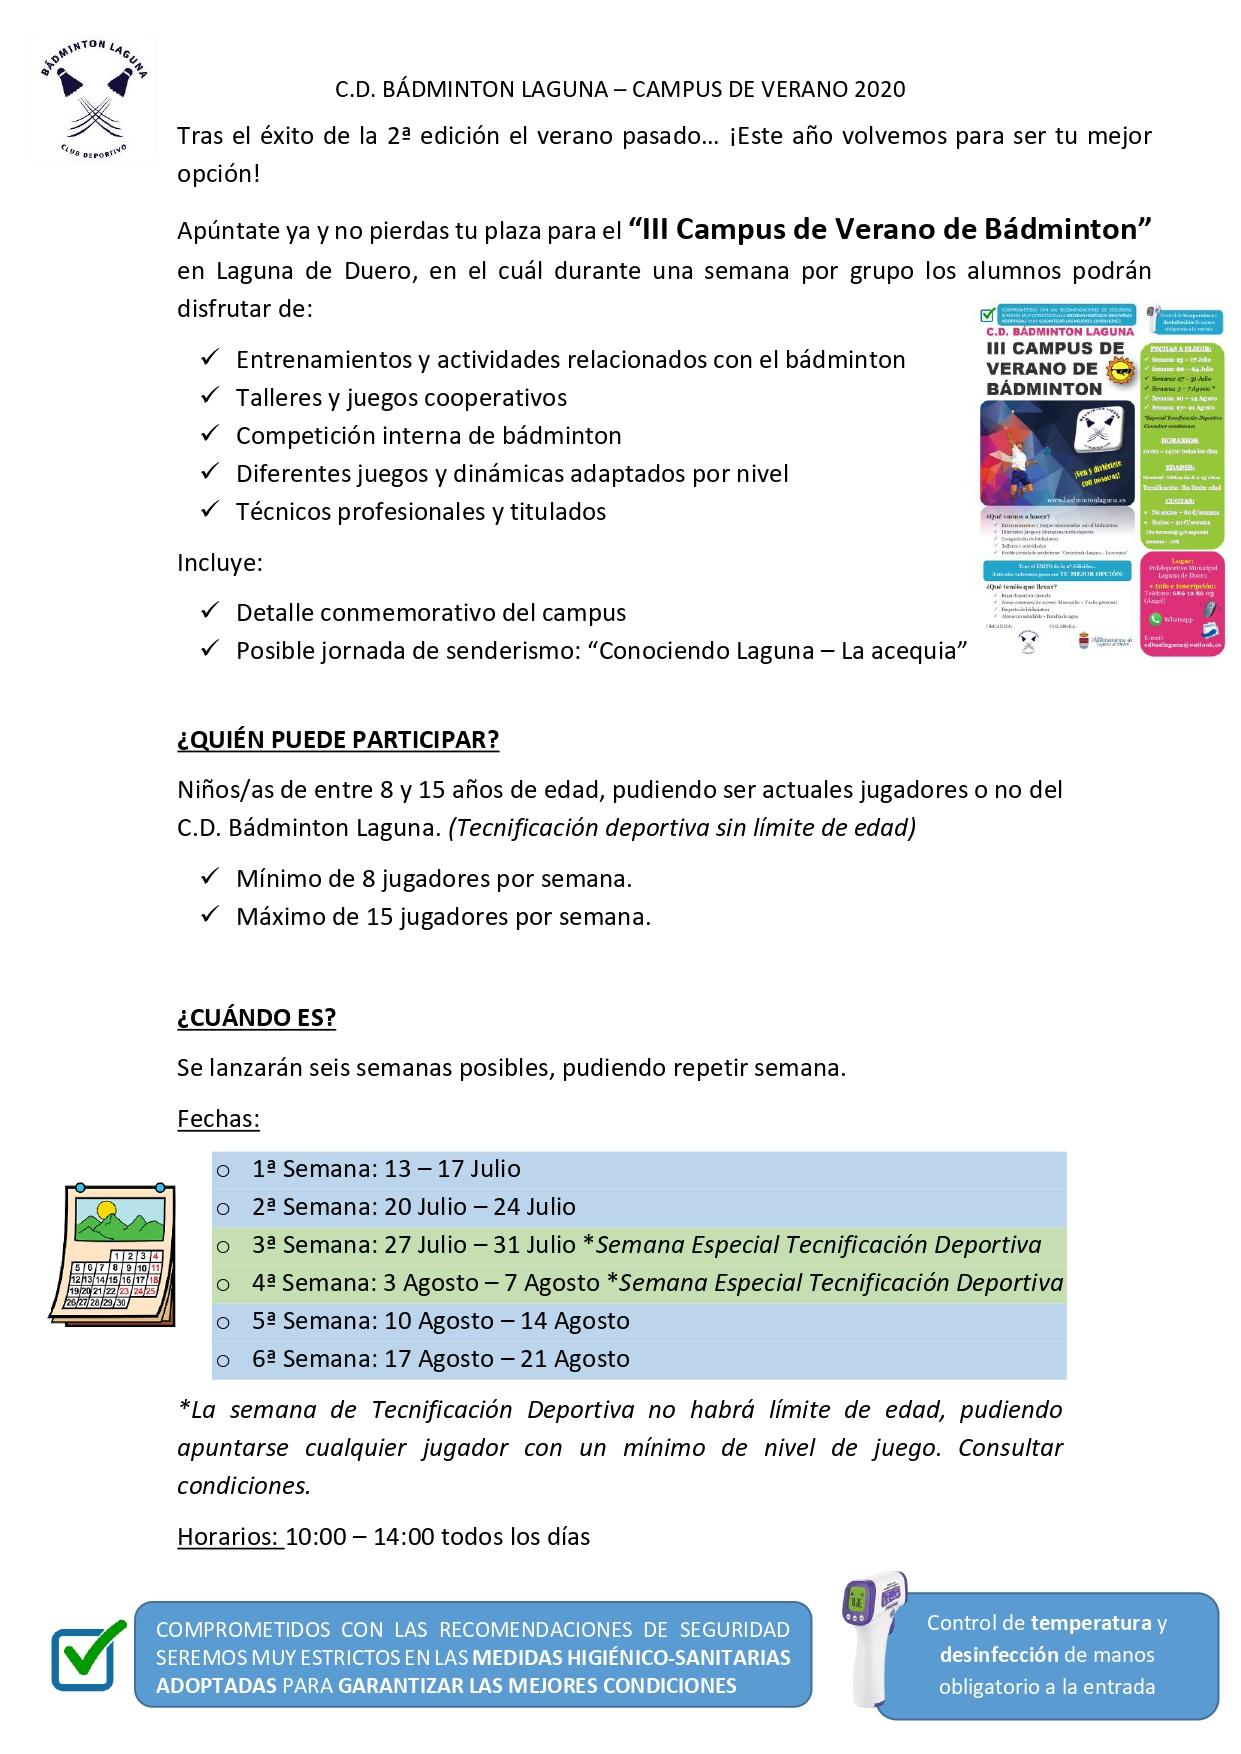 Informacion iii campus de verano 20 c d badminton laguna pages to jpg 0001